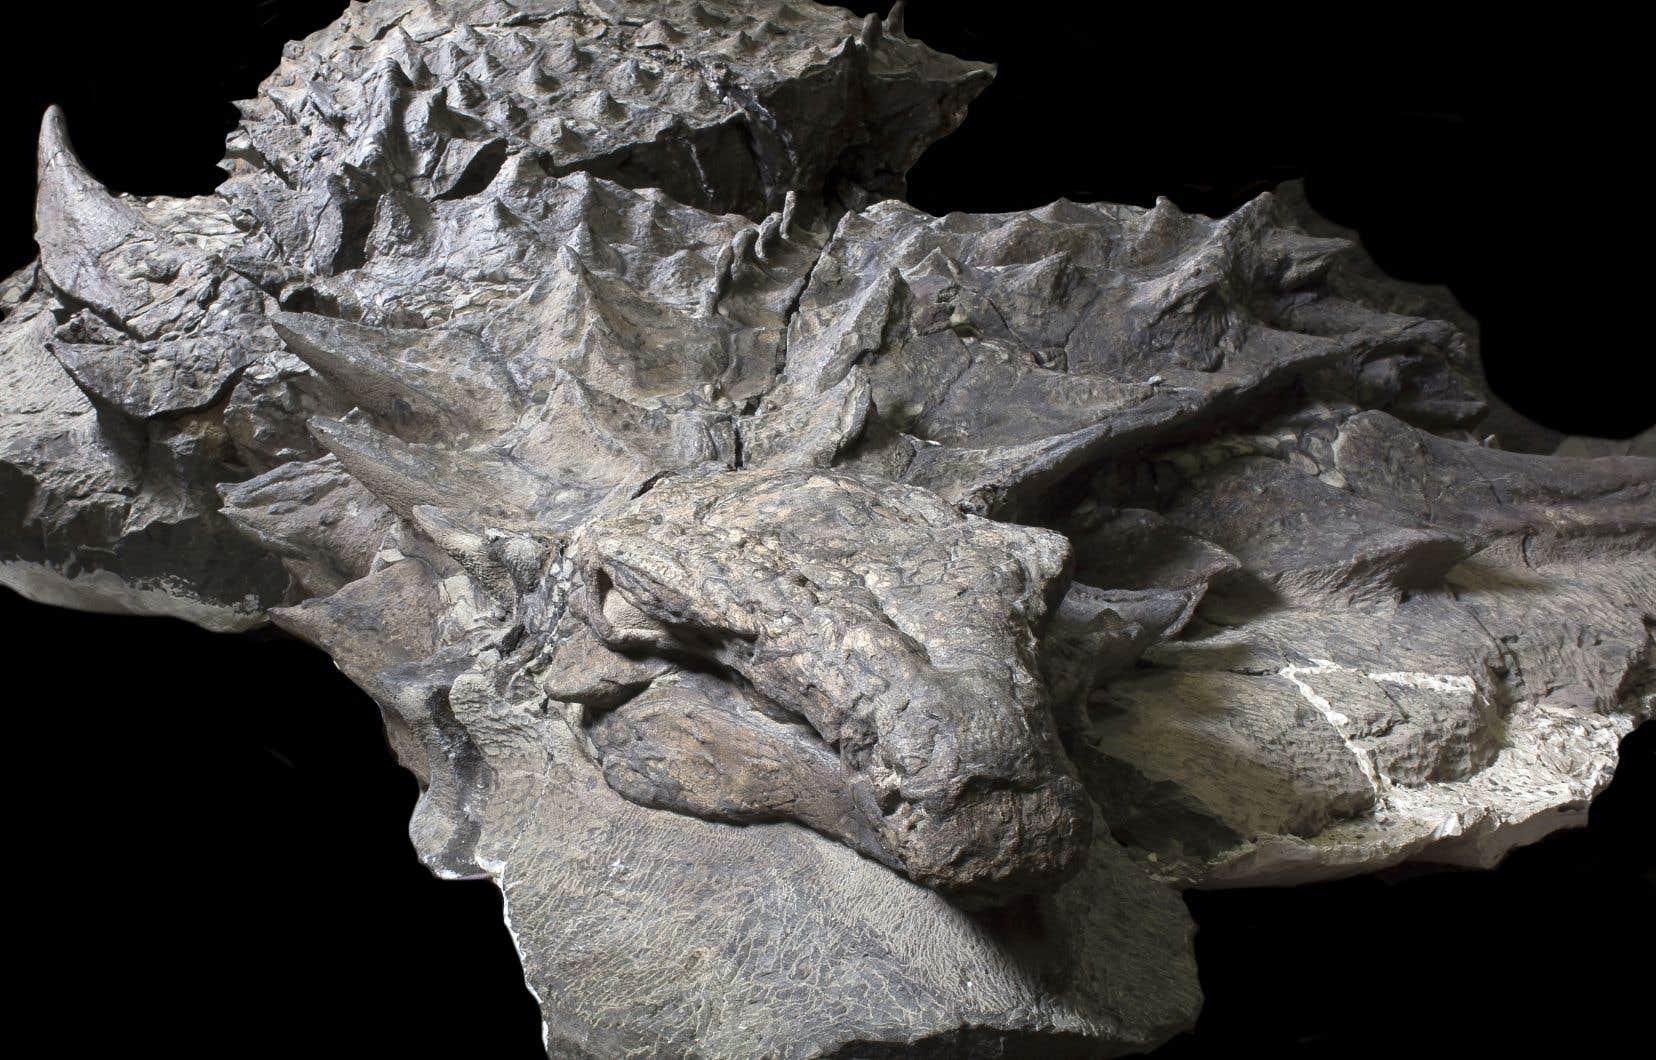 La carcasse de «borealopelta markmitchelli», découverte en 2011 dans le sous-sol albertain, est le dinosaure cuirassé le mieux conservé du monde.